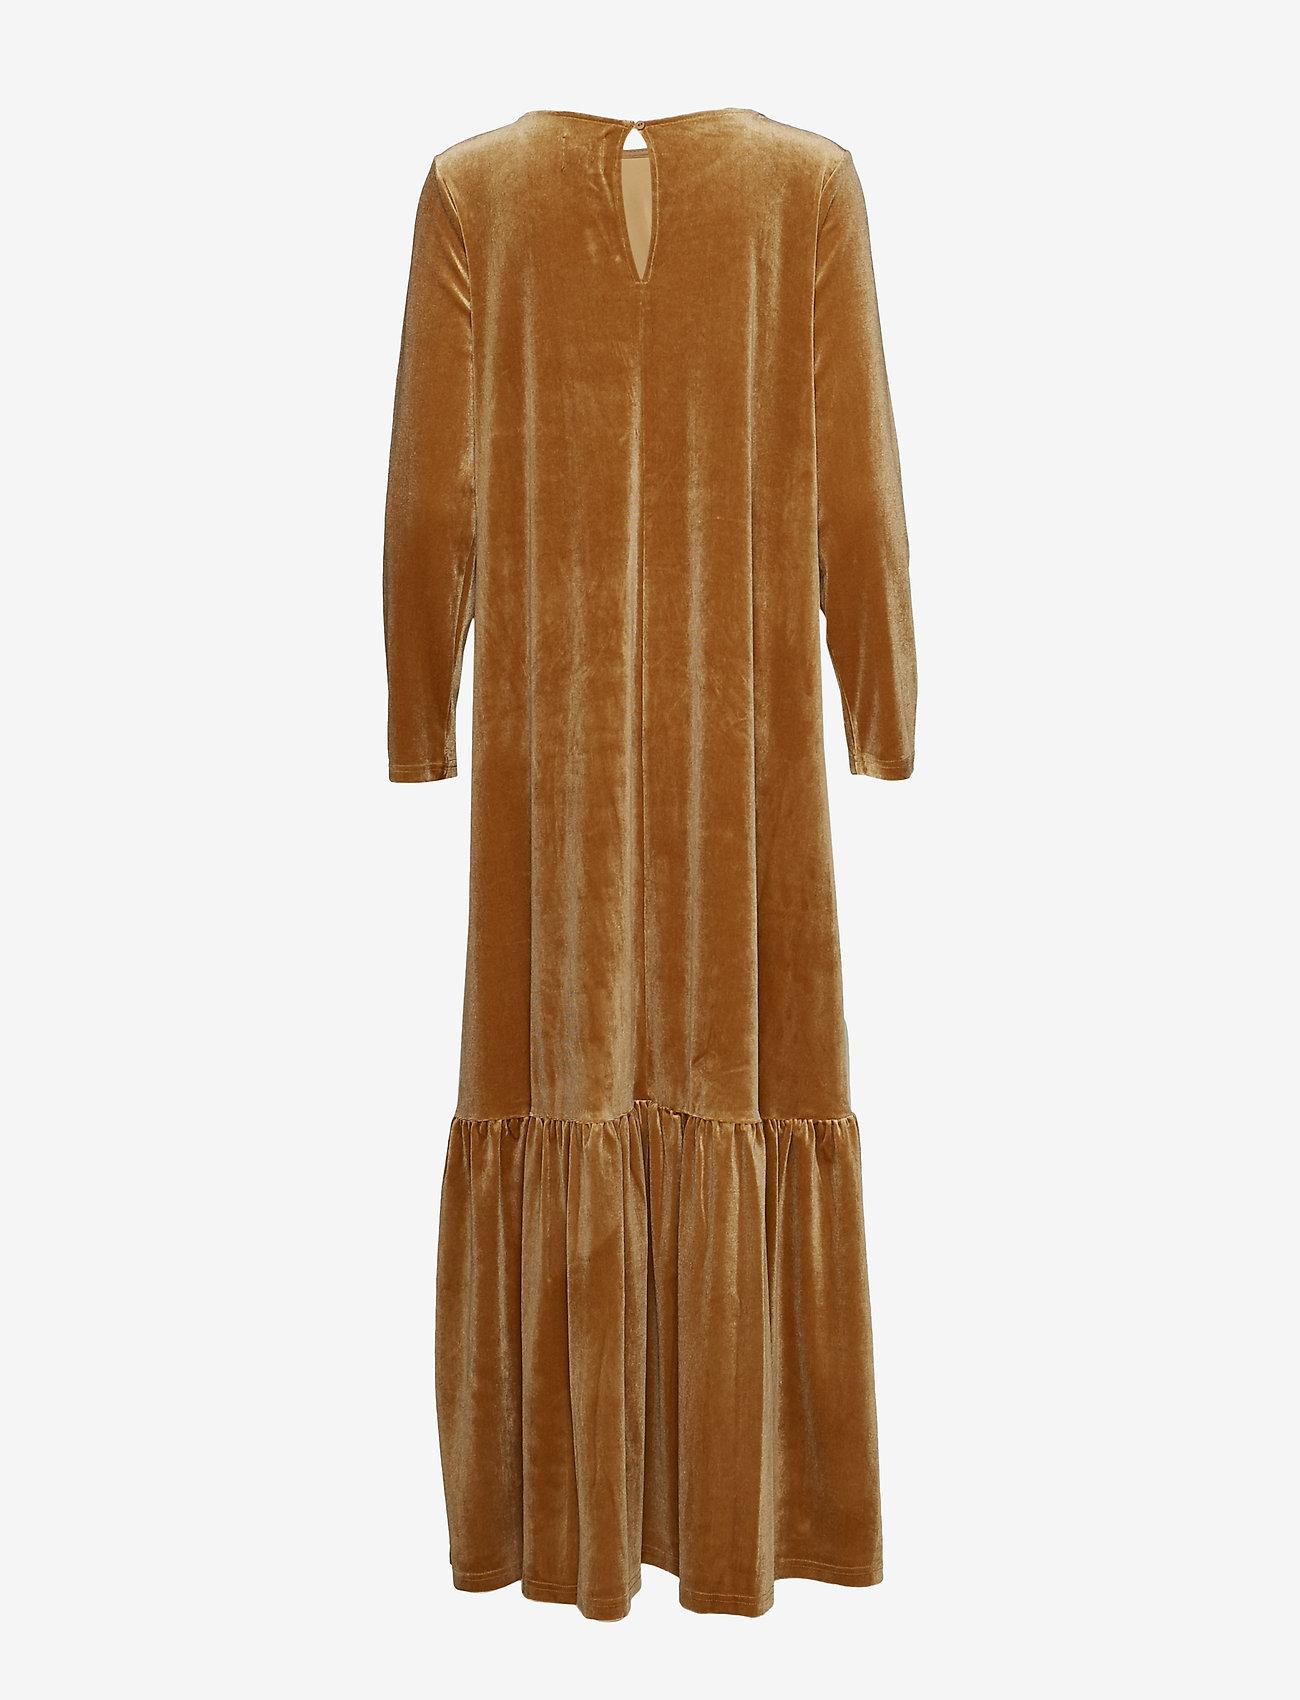 Elvira Velvet (Camel) (103.94 €) - Line of Oslo 2ShoC